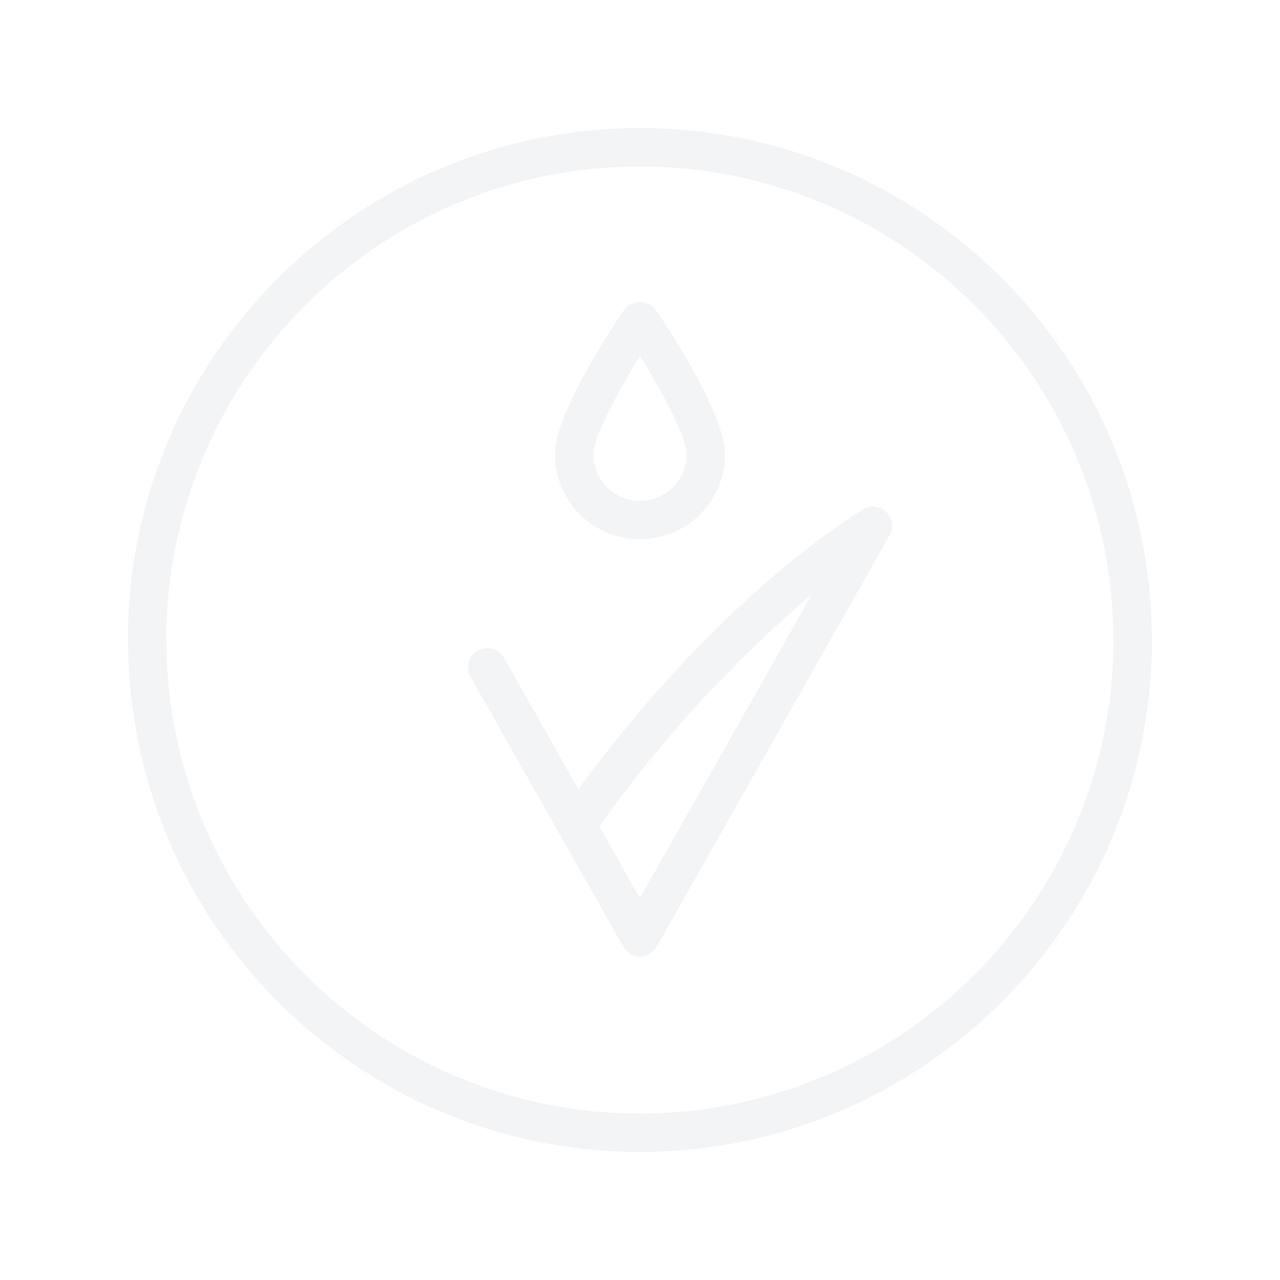 Sleek Makeup Corrector & Concealer Palette No.02 4.2g